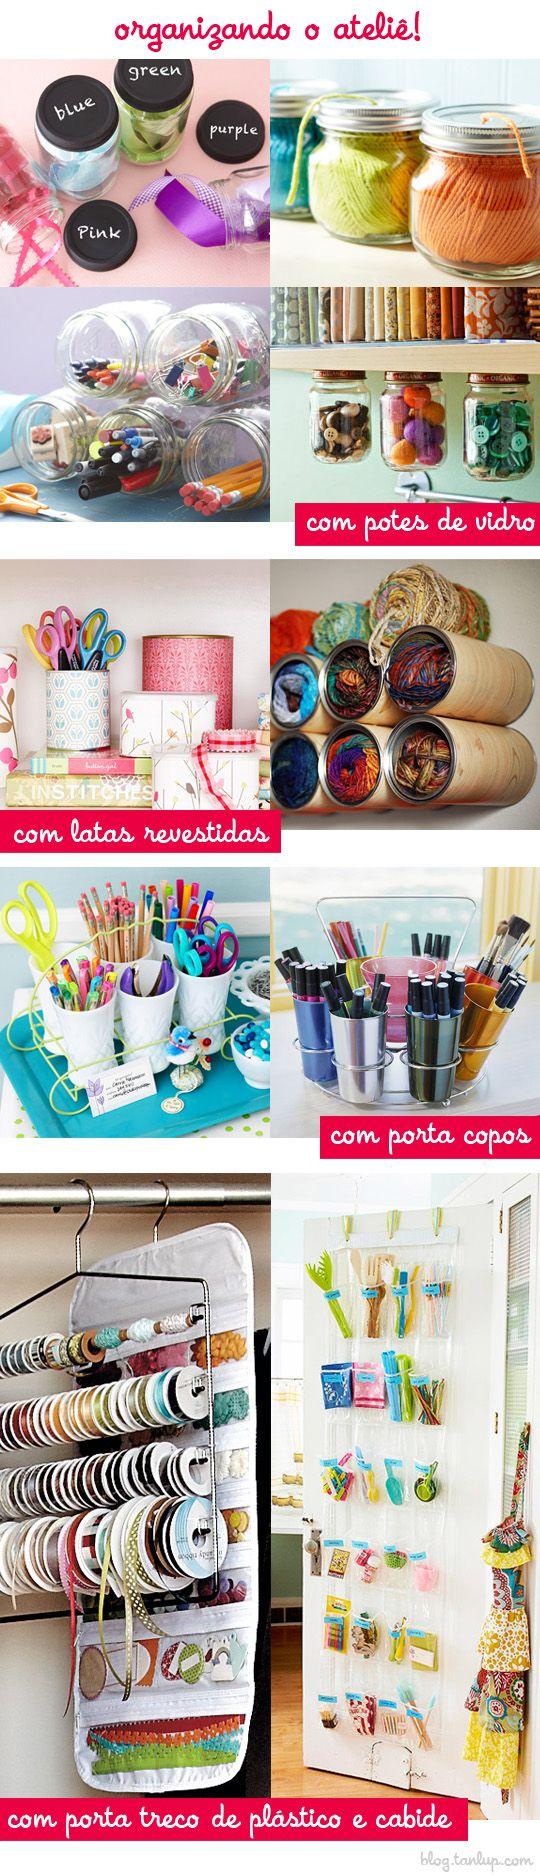 Organize o seu ateliê com criatividade via @Tanlup: